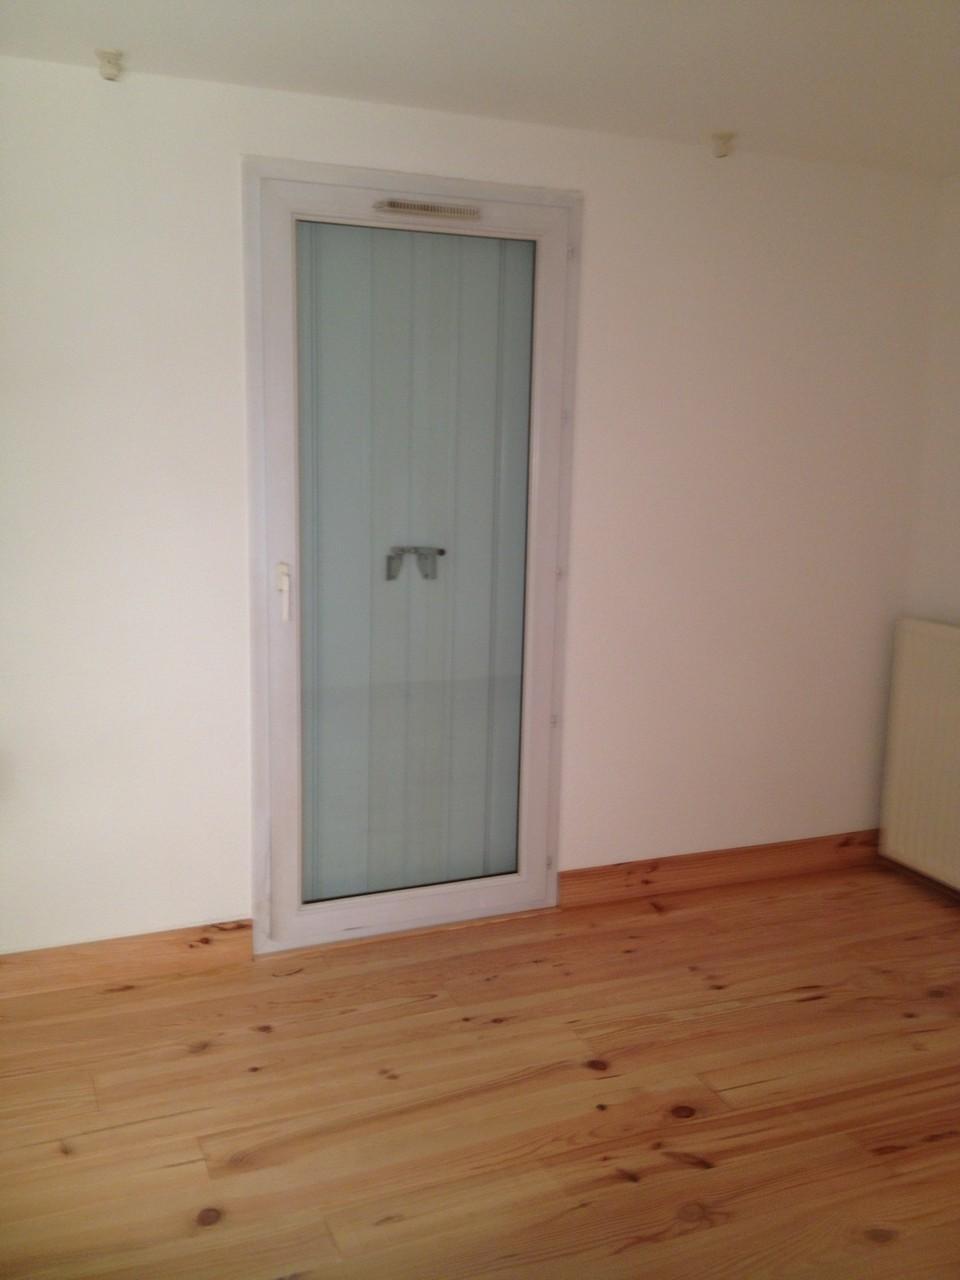 Isolation création d'un caison phonique dans une chambre sauf sur mur exterieur